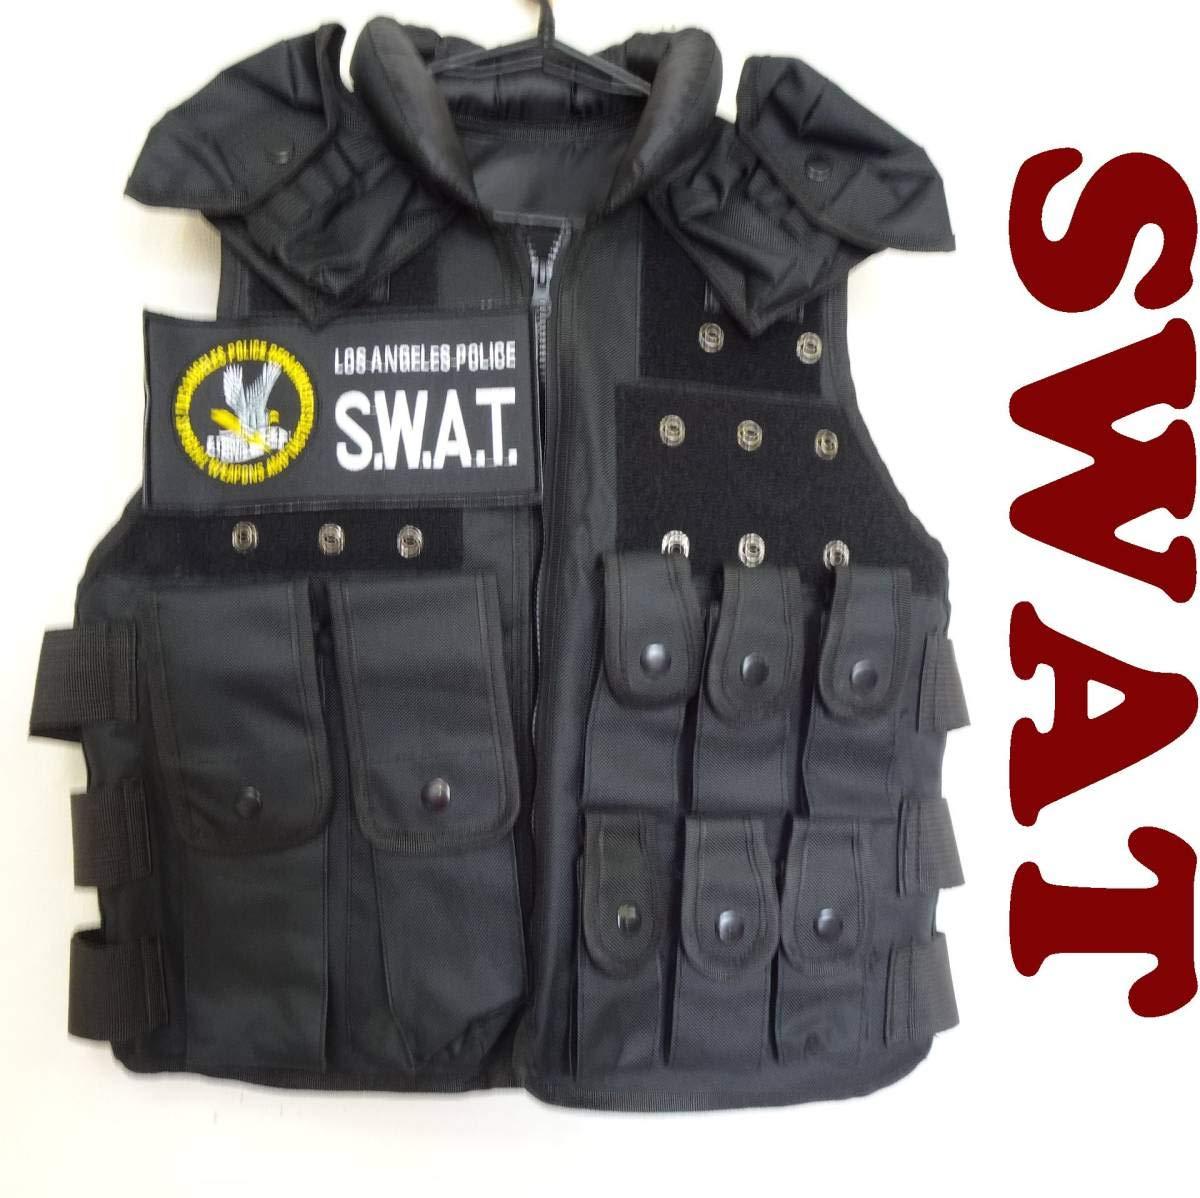 425 SWAT スワット タクティカルベスト プロテクターグローブ付 サバゲー 黒 ブラック ロサンゼルス ポリス 警察 コスプレ B07RKYCVCP